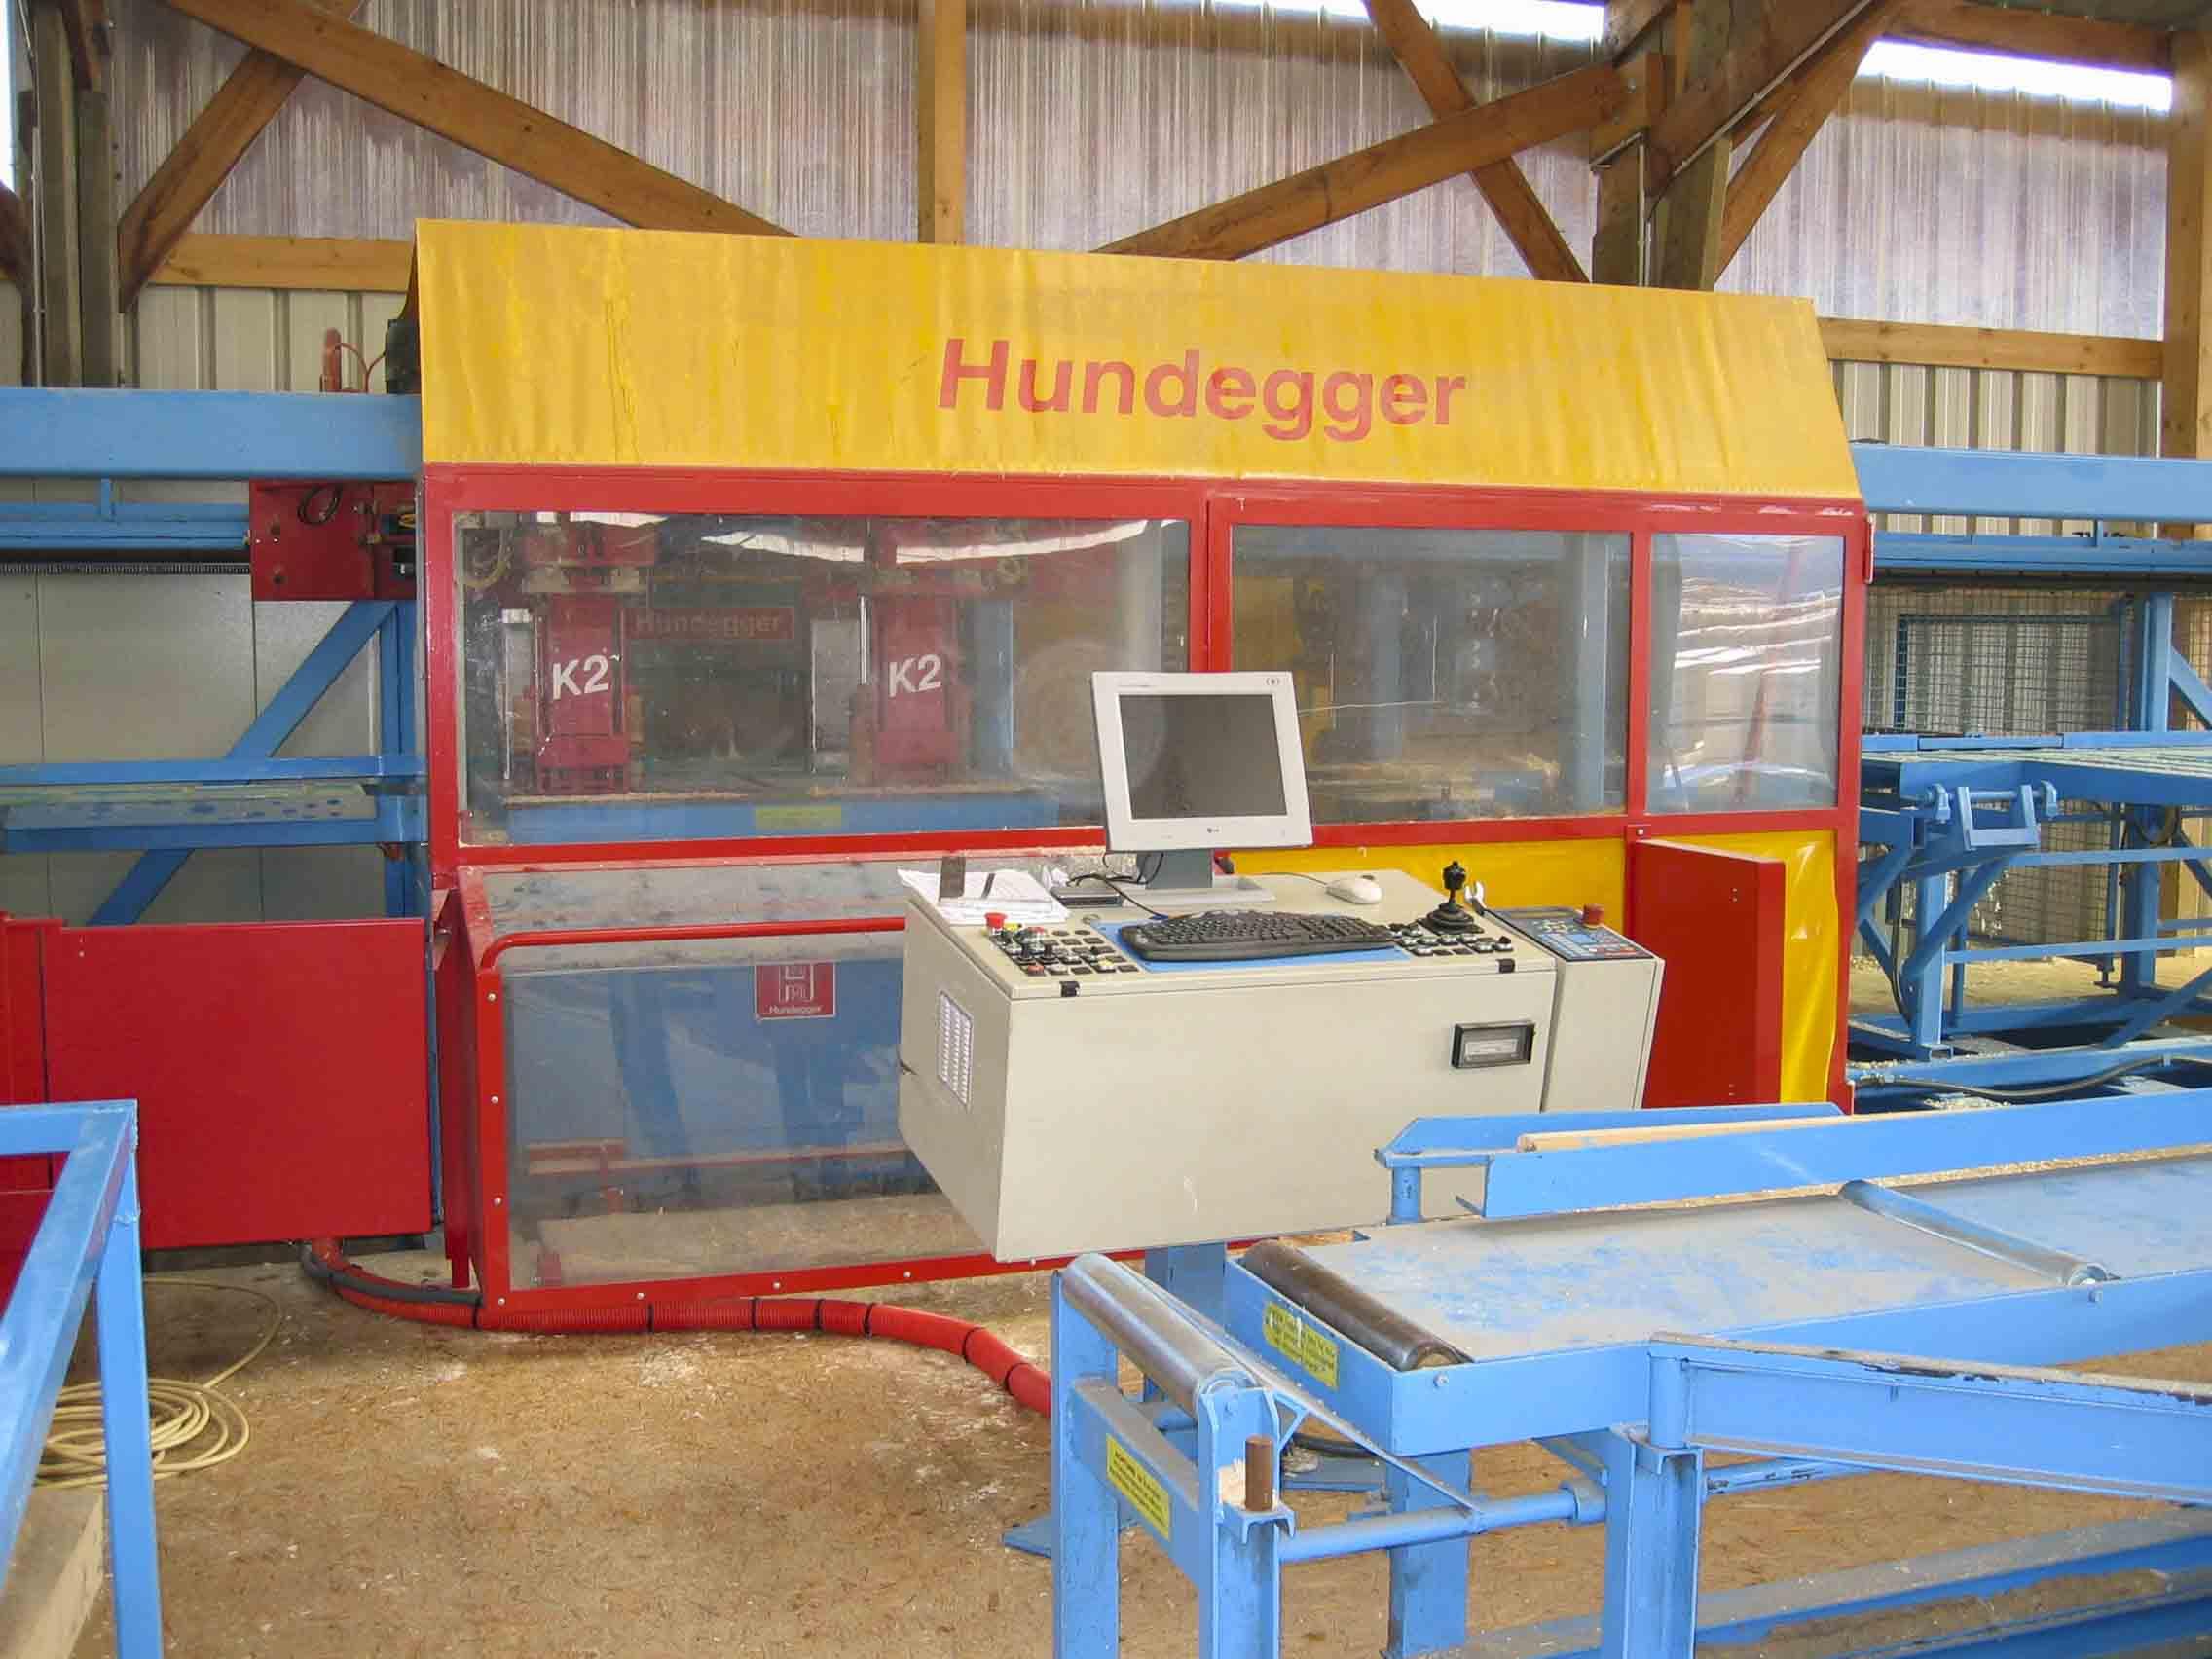 HUNDEGGER K2 – Typ 450 – 4 Achsen mit Hobelautomat – Baujahr 2002